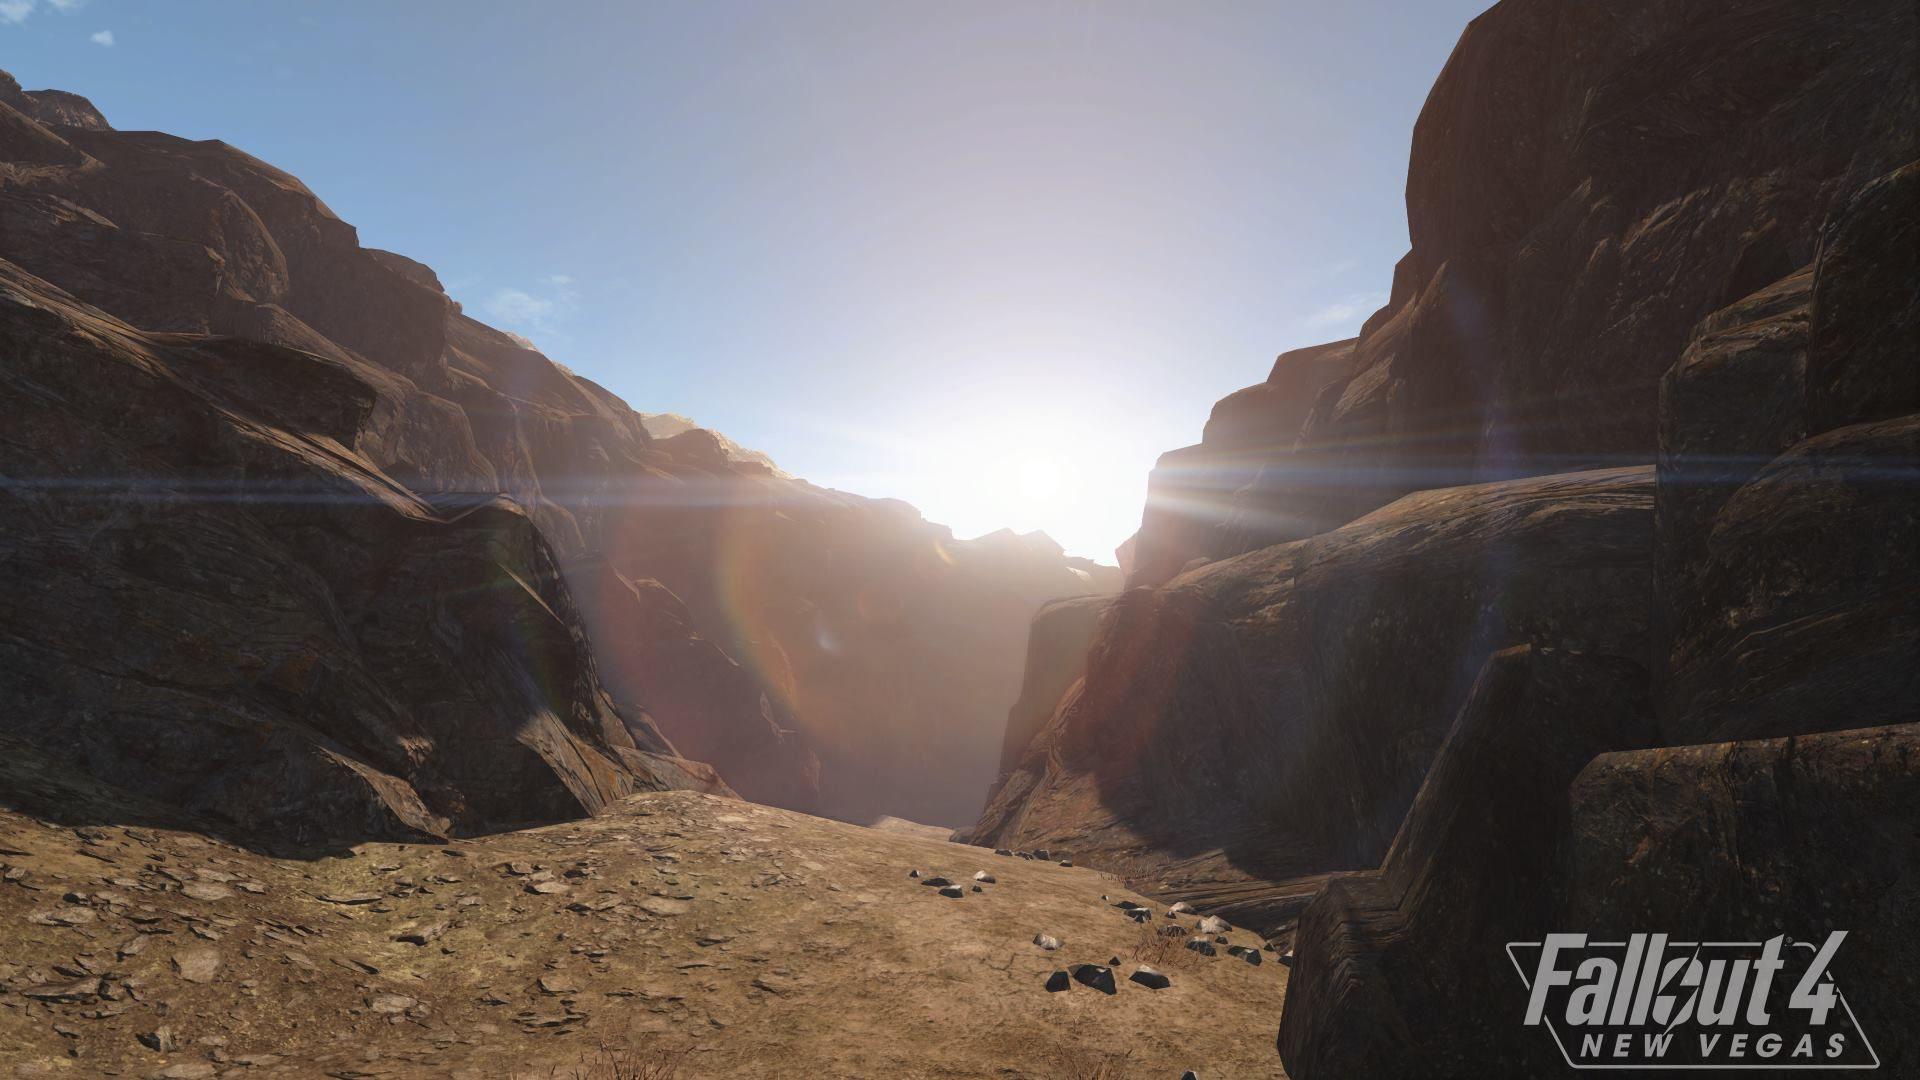 Fallout 4 New Vegas için yeni ekran görüntüleri yayınlandı